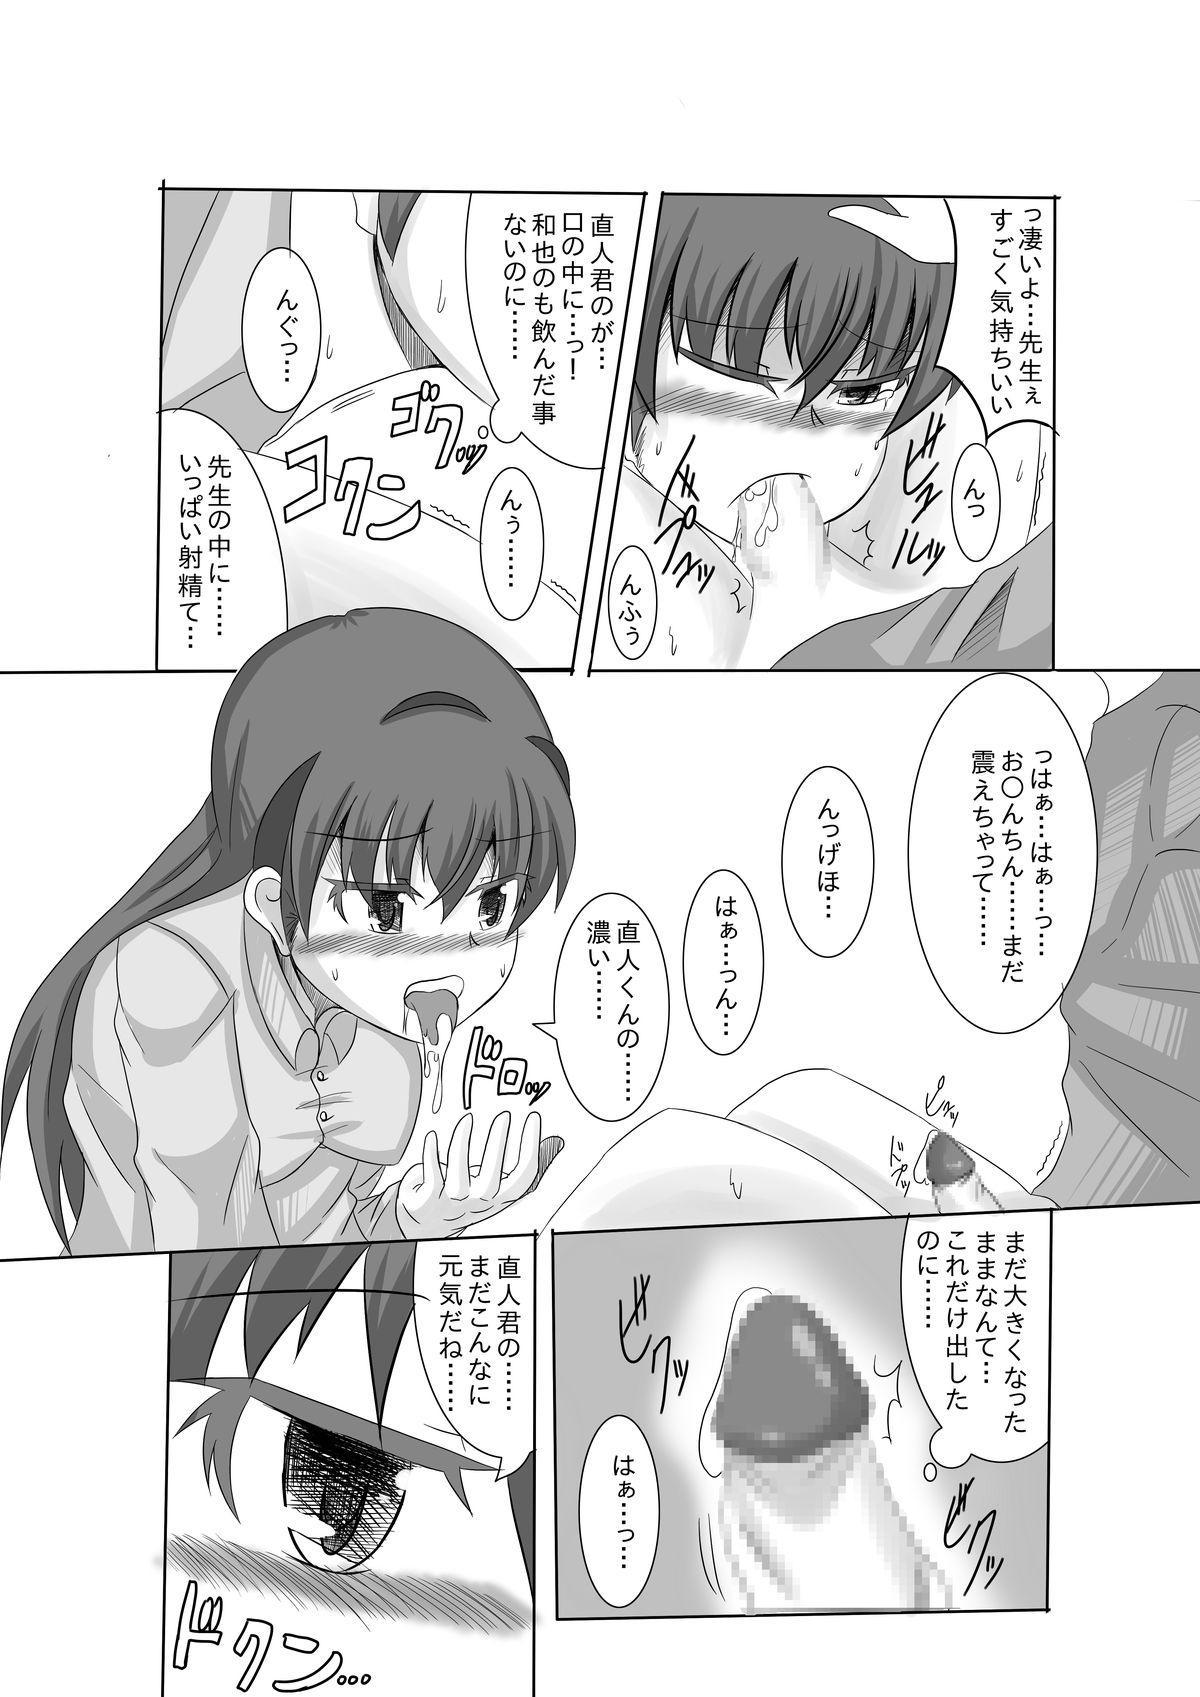 Kano Shota 2 18